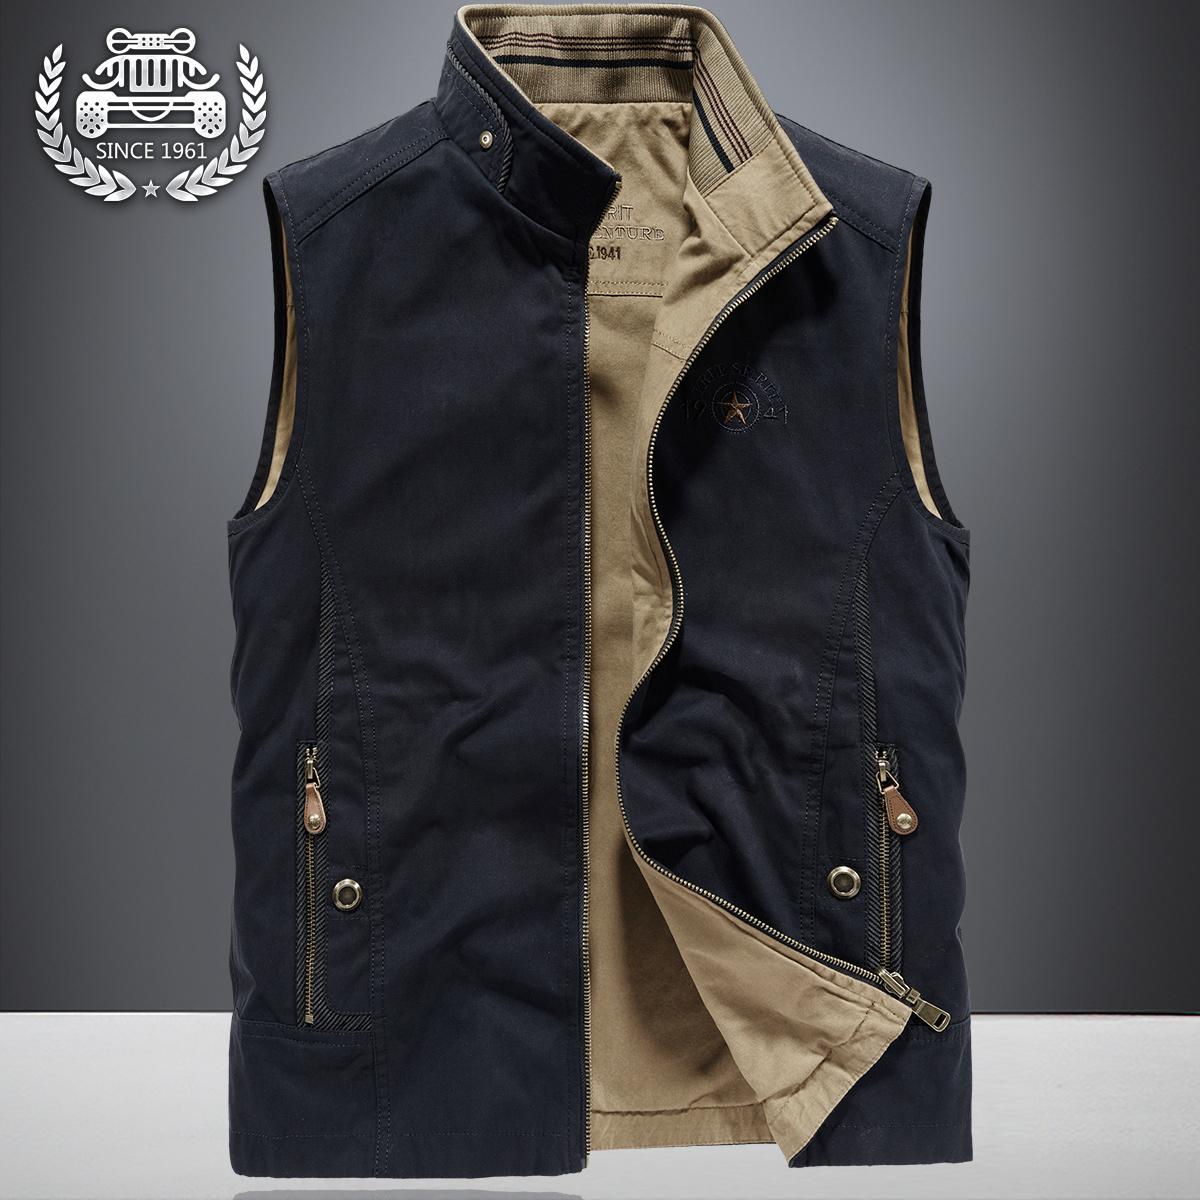 春季双面穿马甲男户外薄款无袖背心牛仔夹克春秋大码宽松工装外套